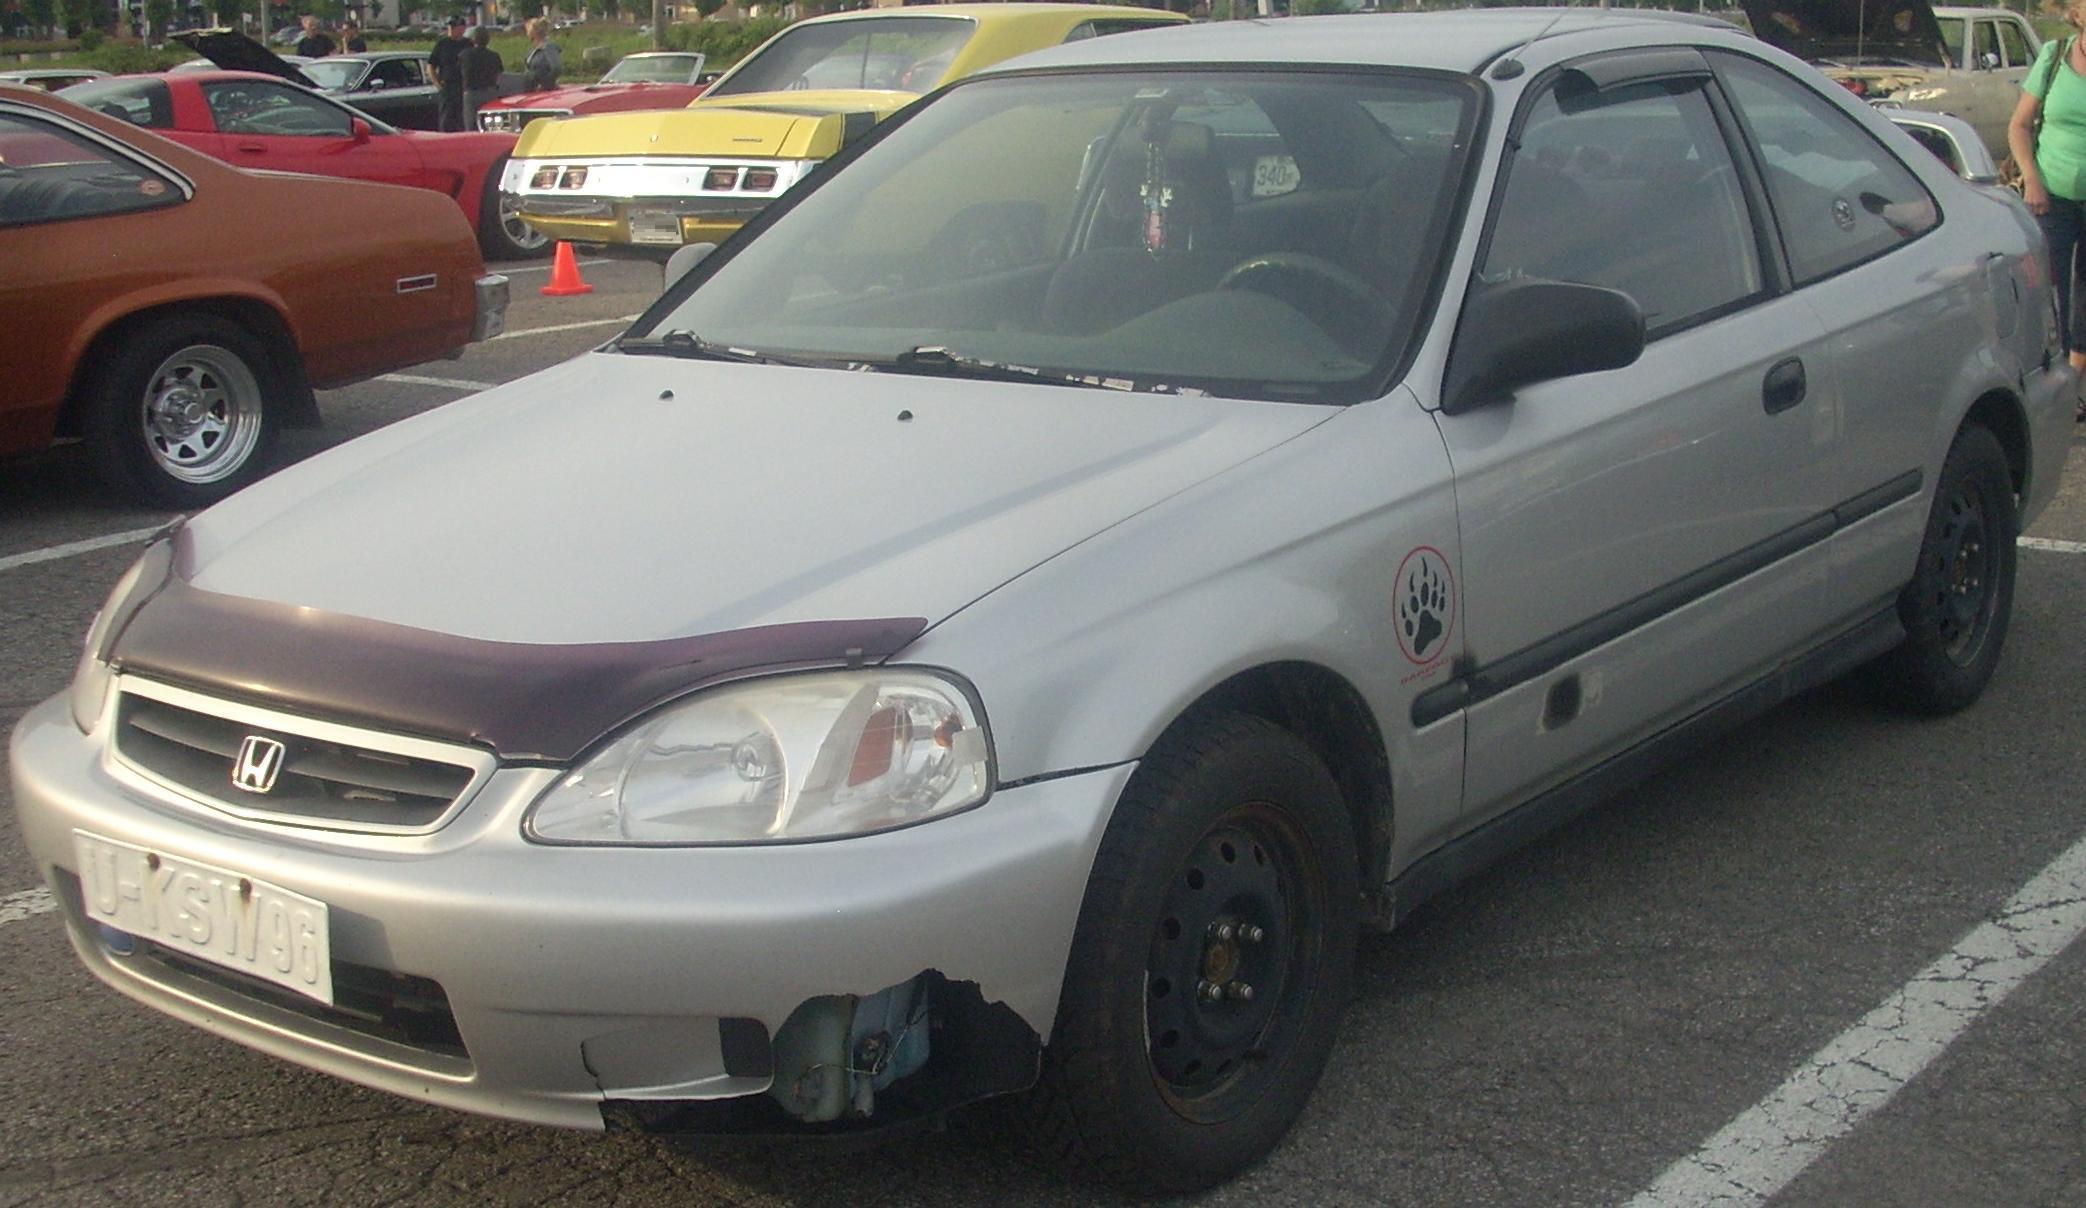 99 Civic Sedan: File:'99-'00 Honda Civic Coupe (Les Chauds Vendredis '10